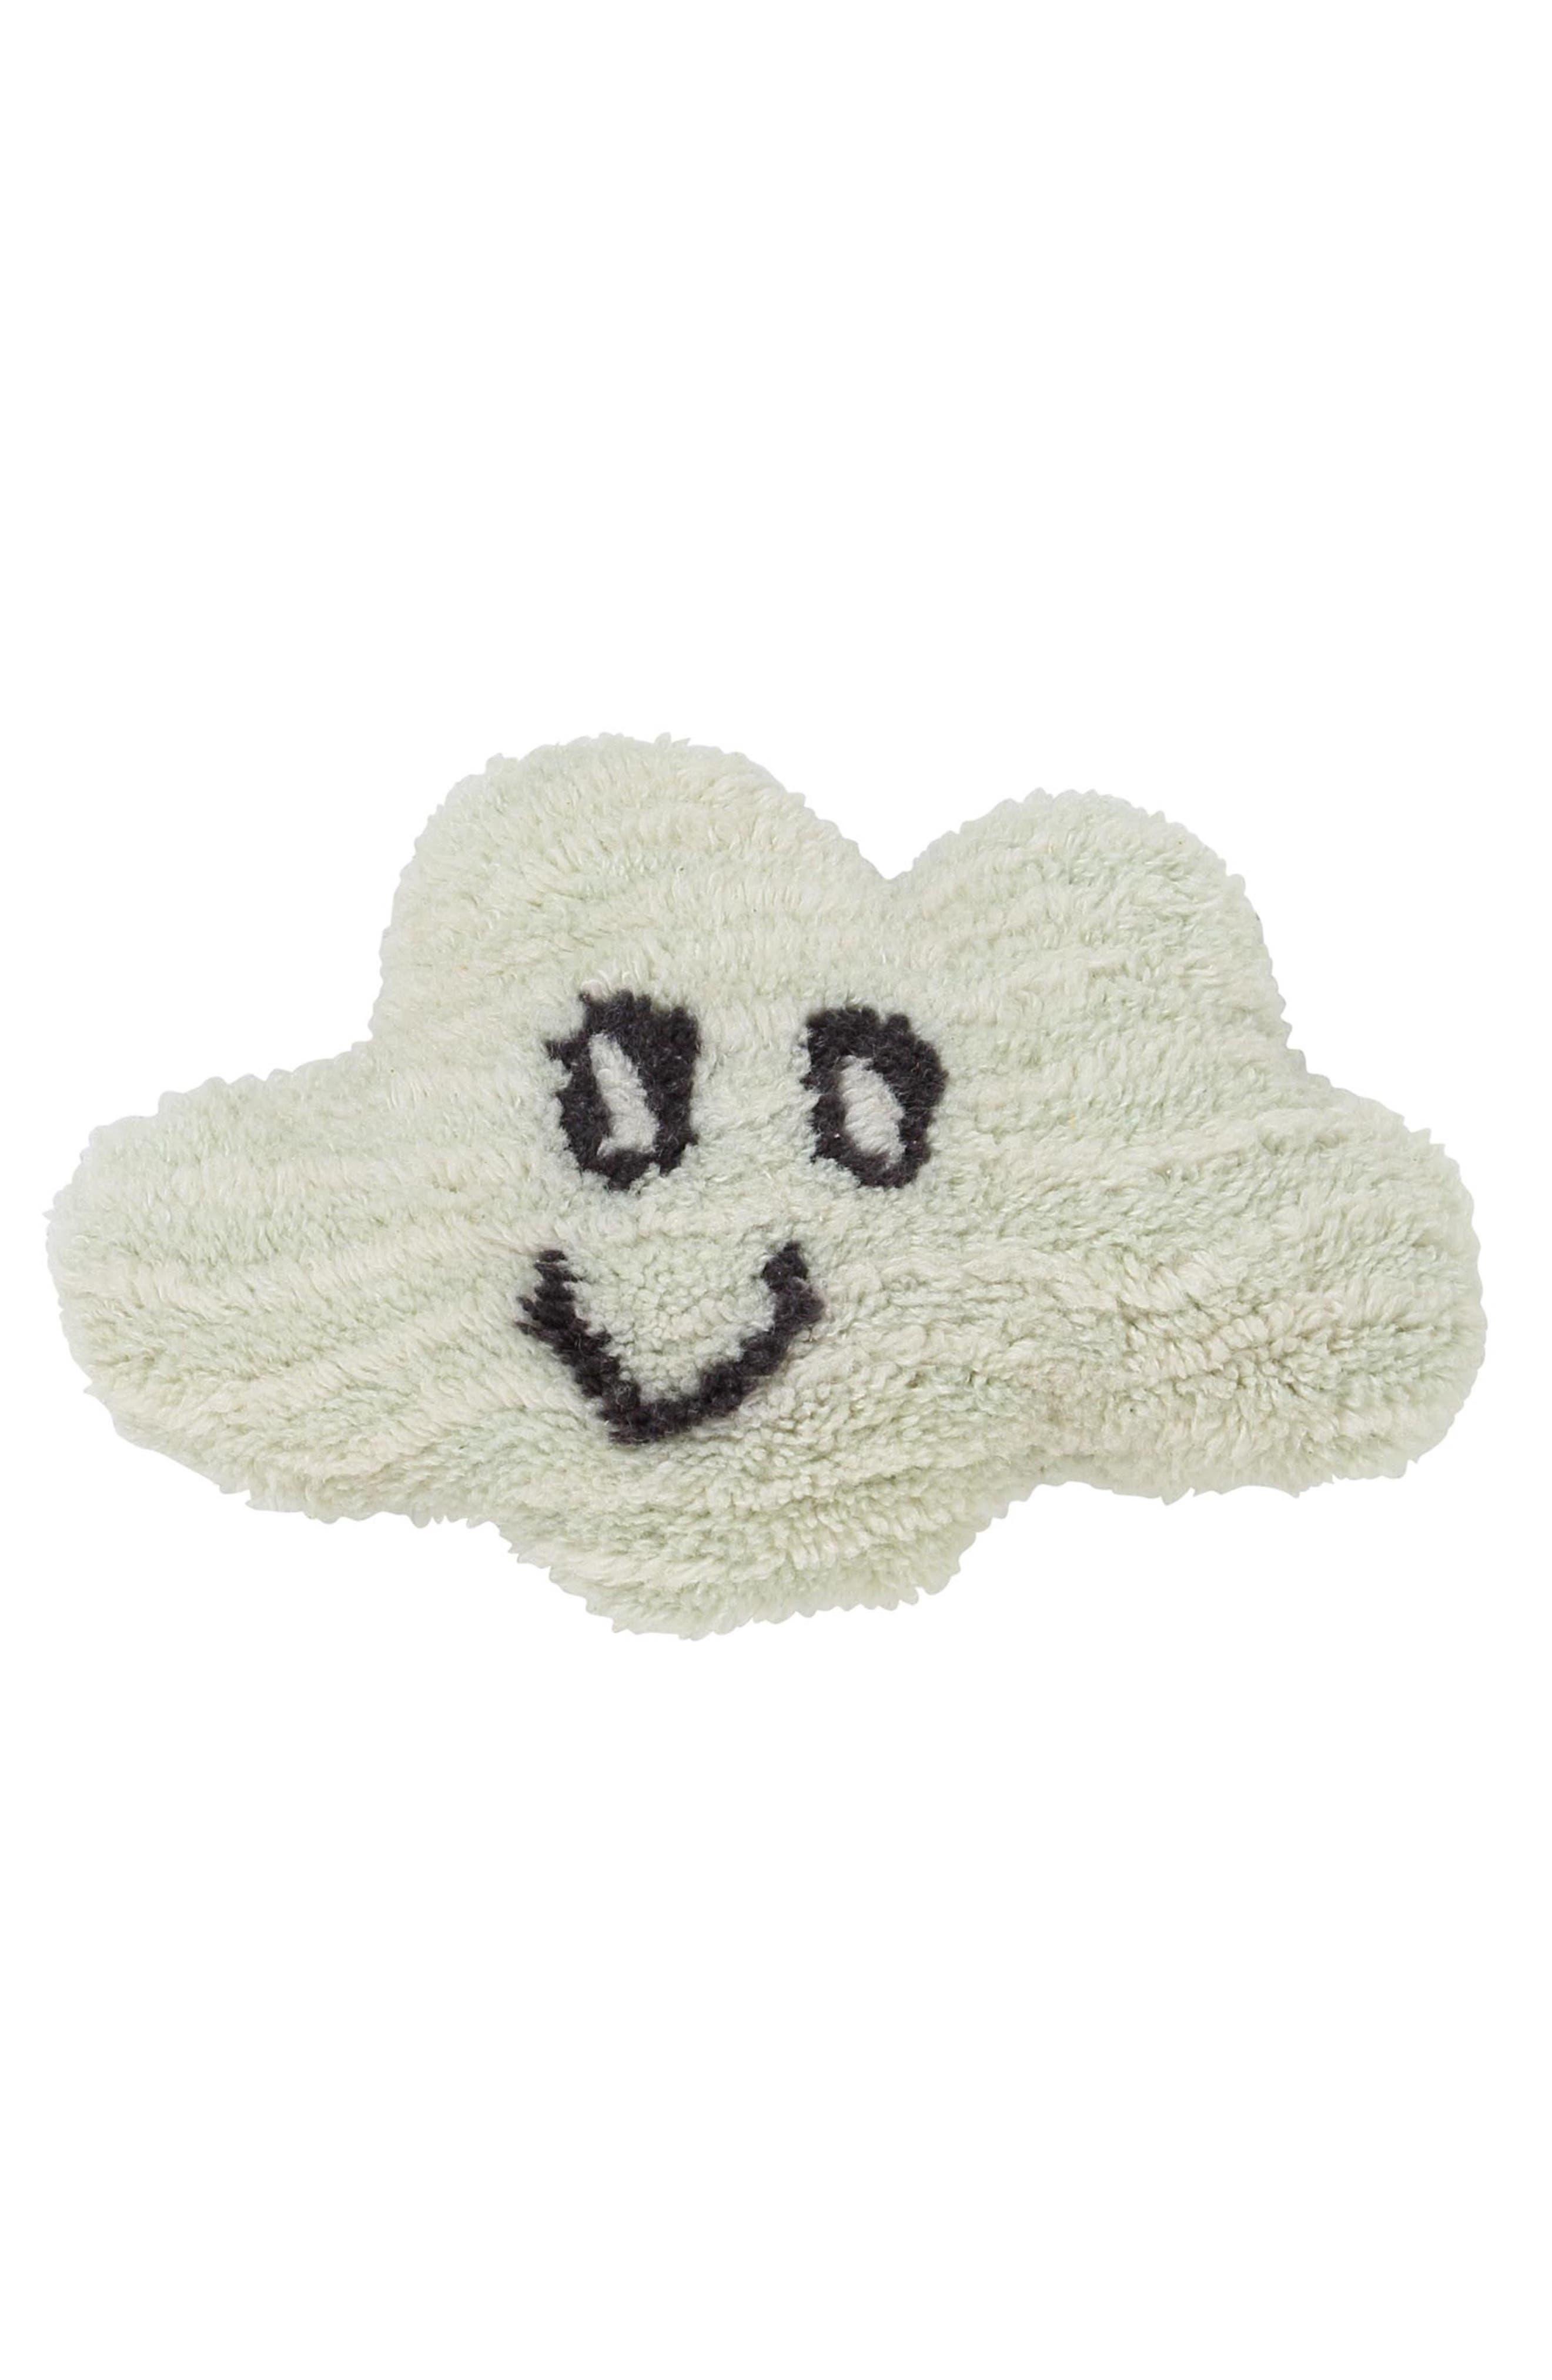 Nimbus Cloud Cushion Wool Pillow,                         Main,                         color, Multi